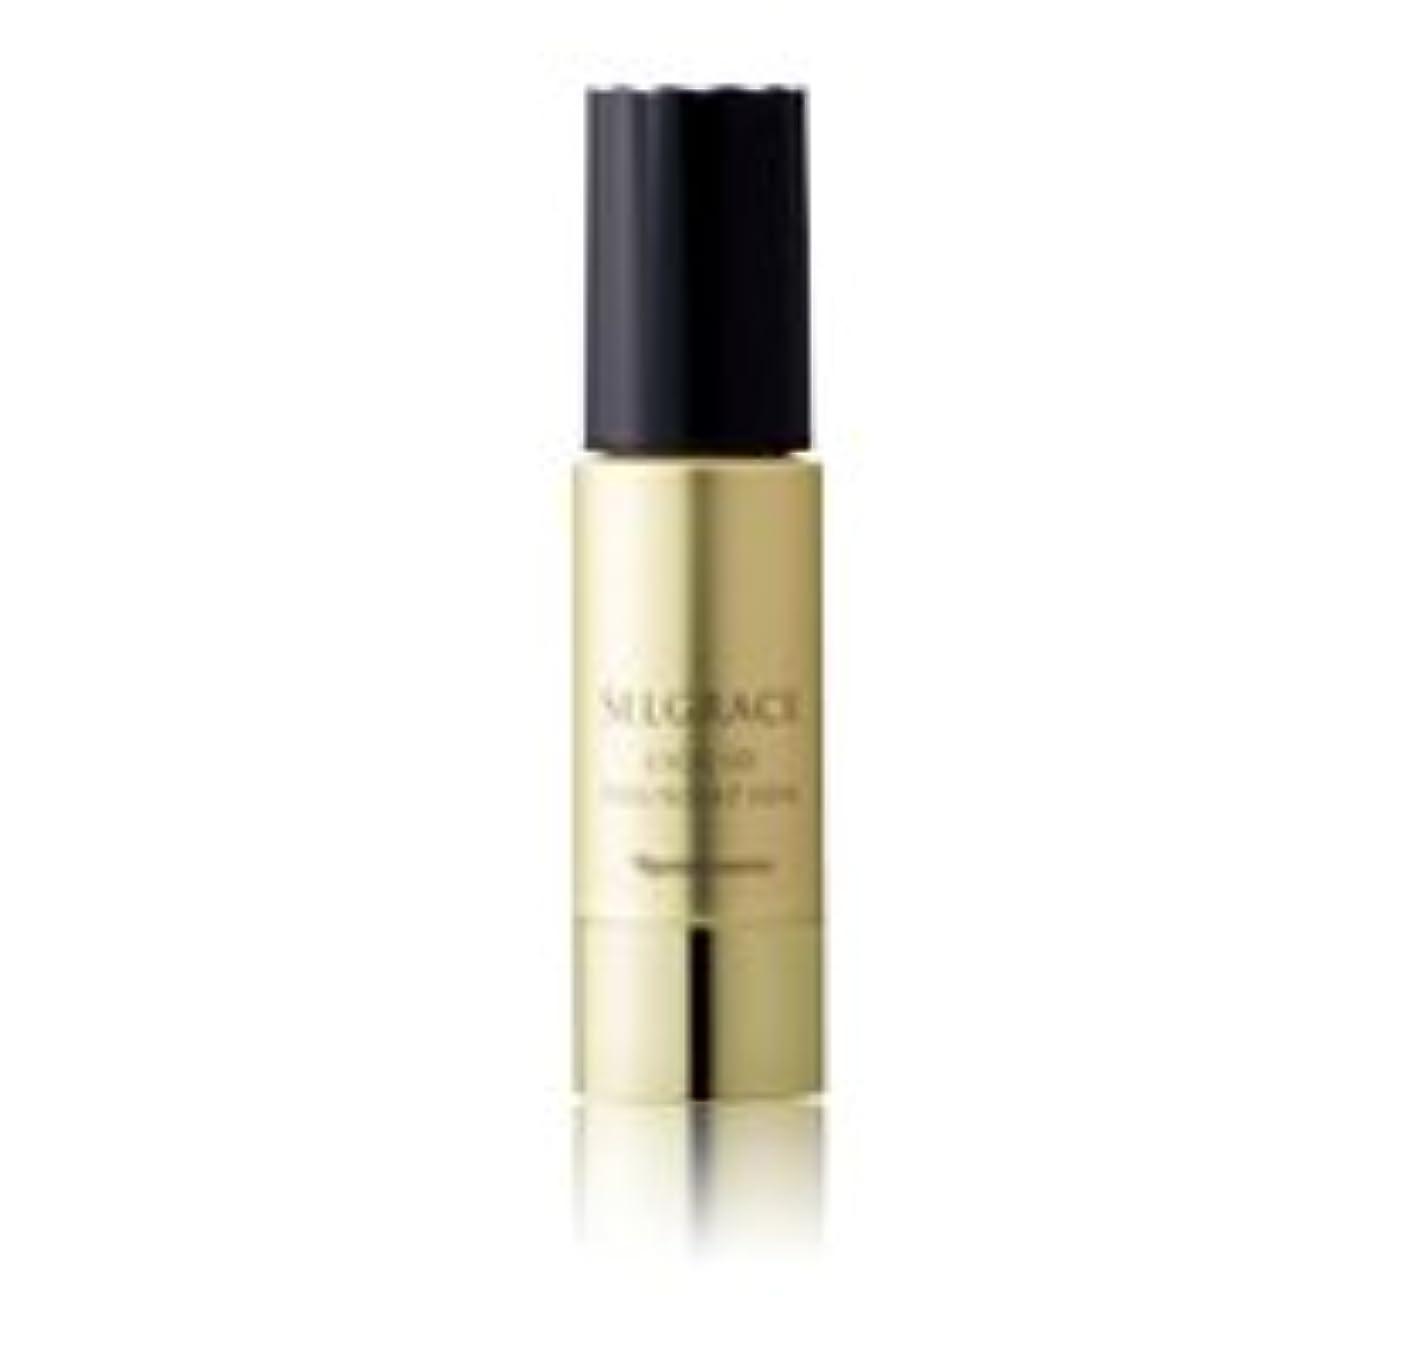 チーフアベニューカニナリス化粧品セルグレース リキッドファンデーション30mL[SPF30 PA++]730